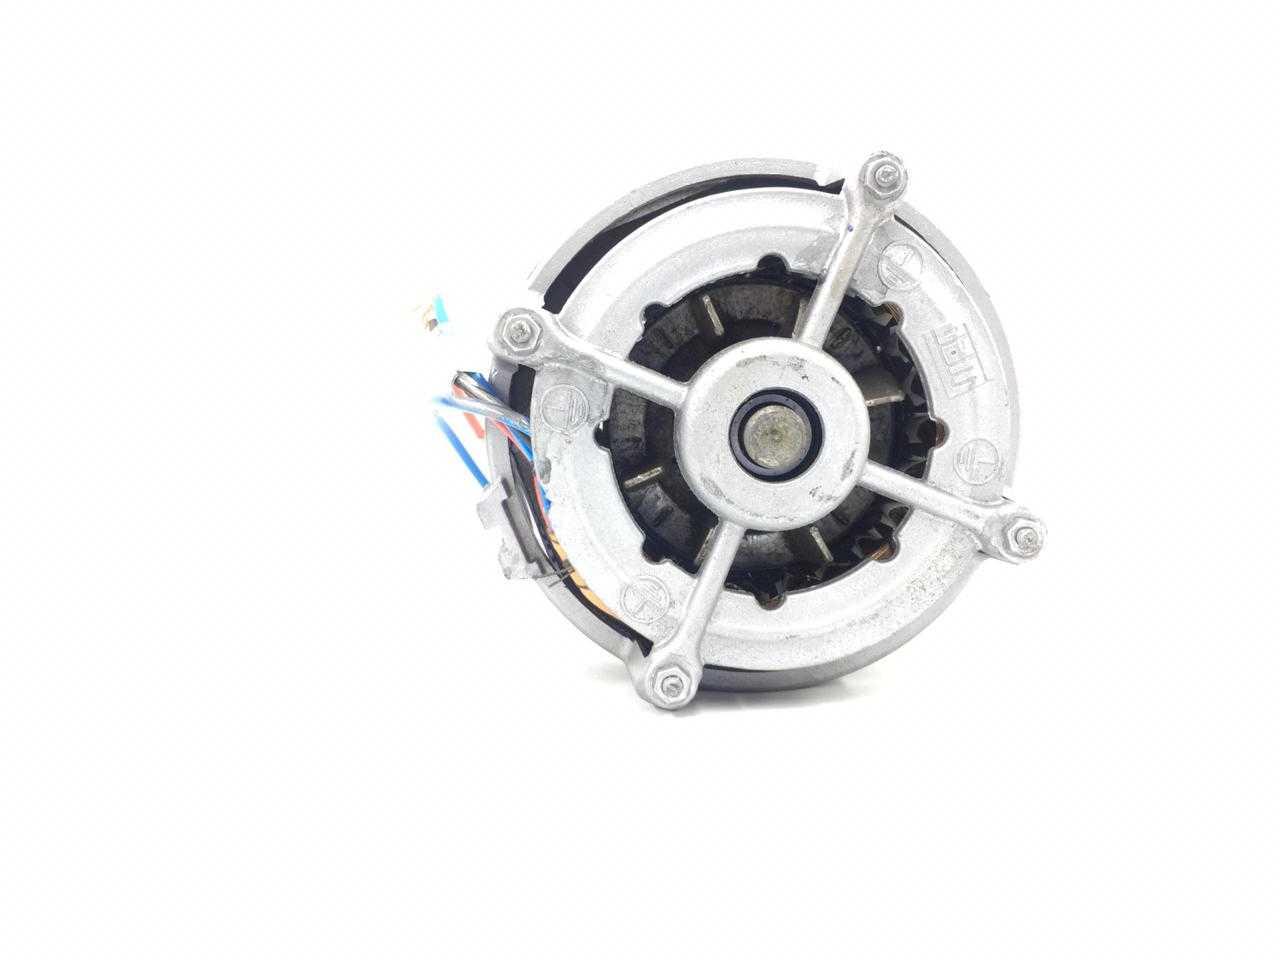 Motor recondicionado tanquinho Latina Plena 127v